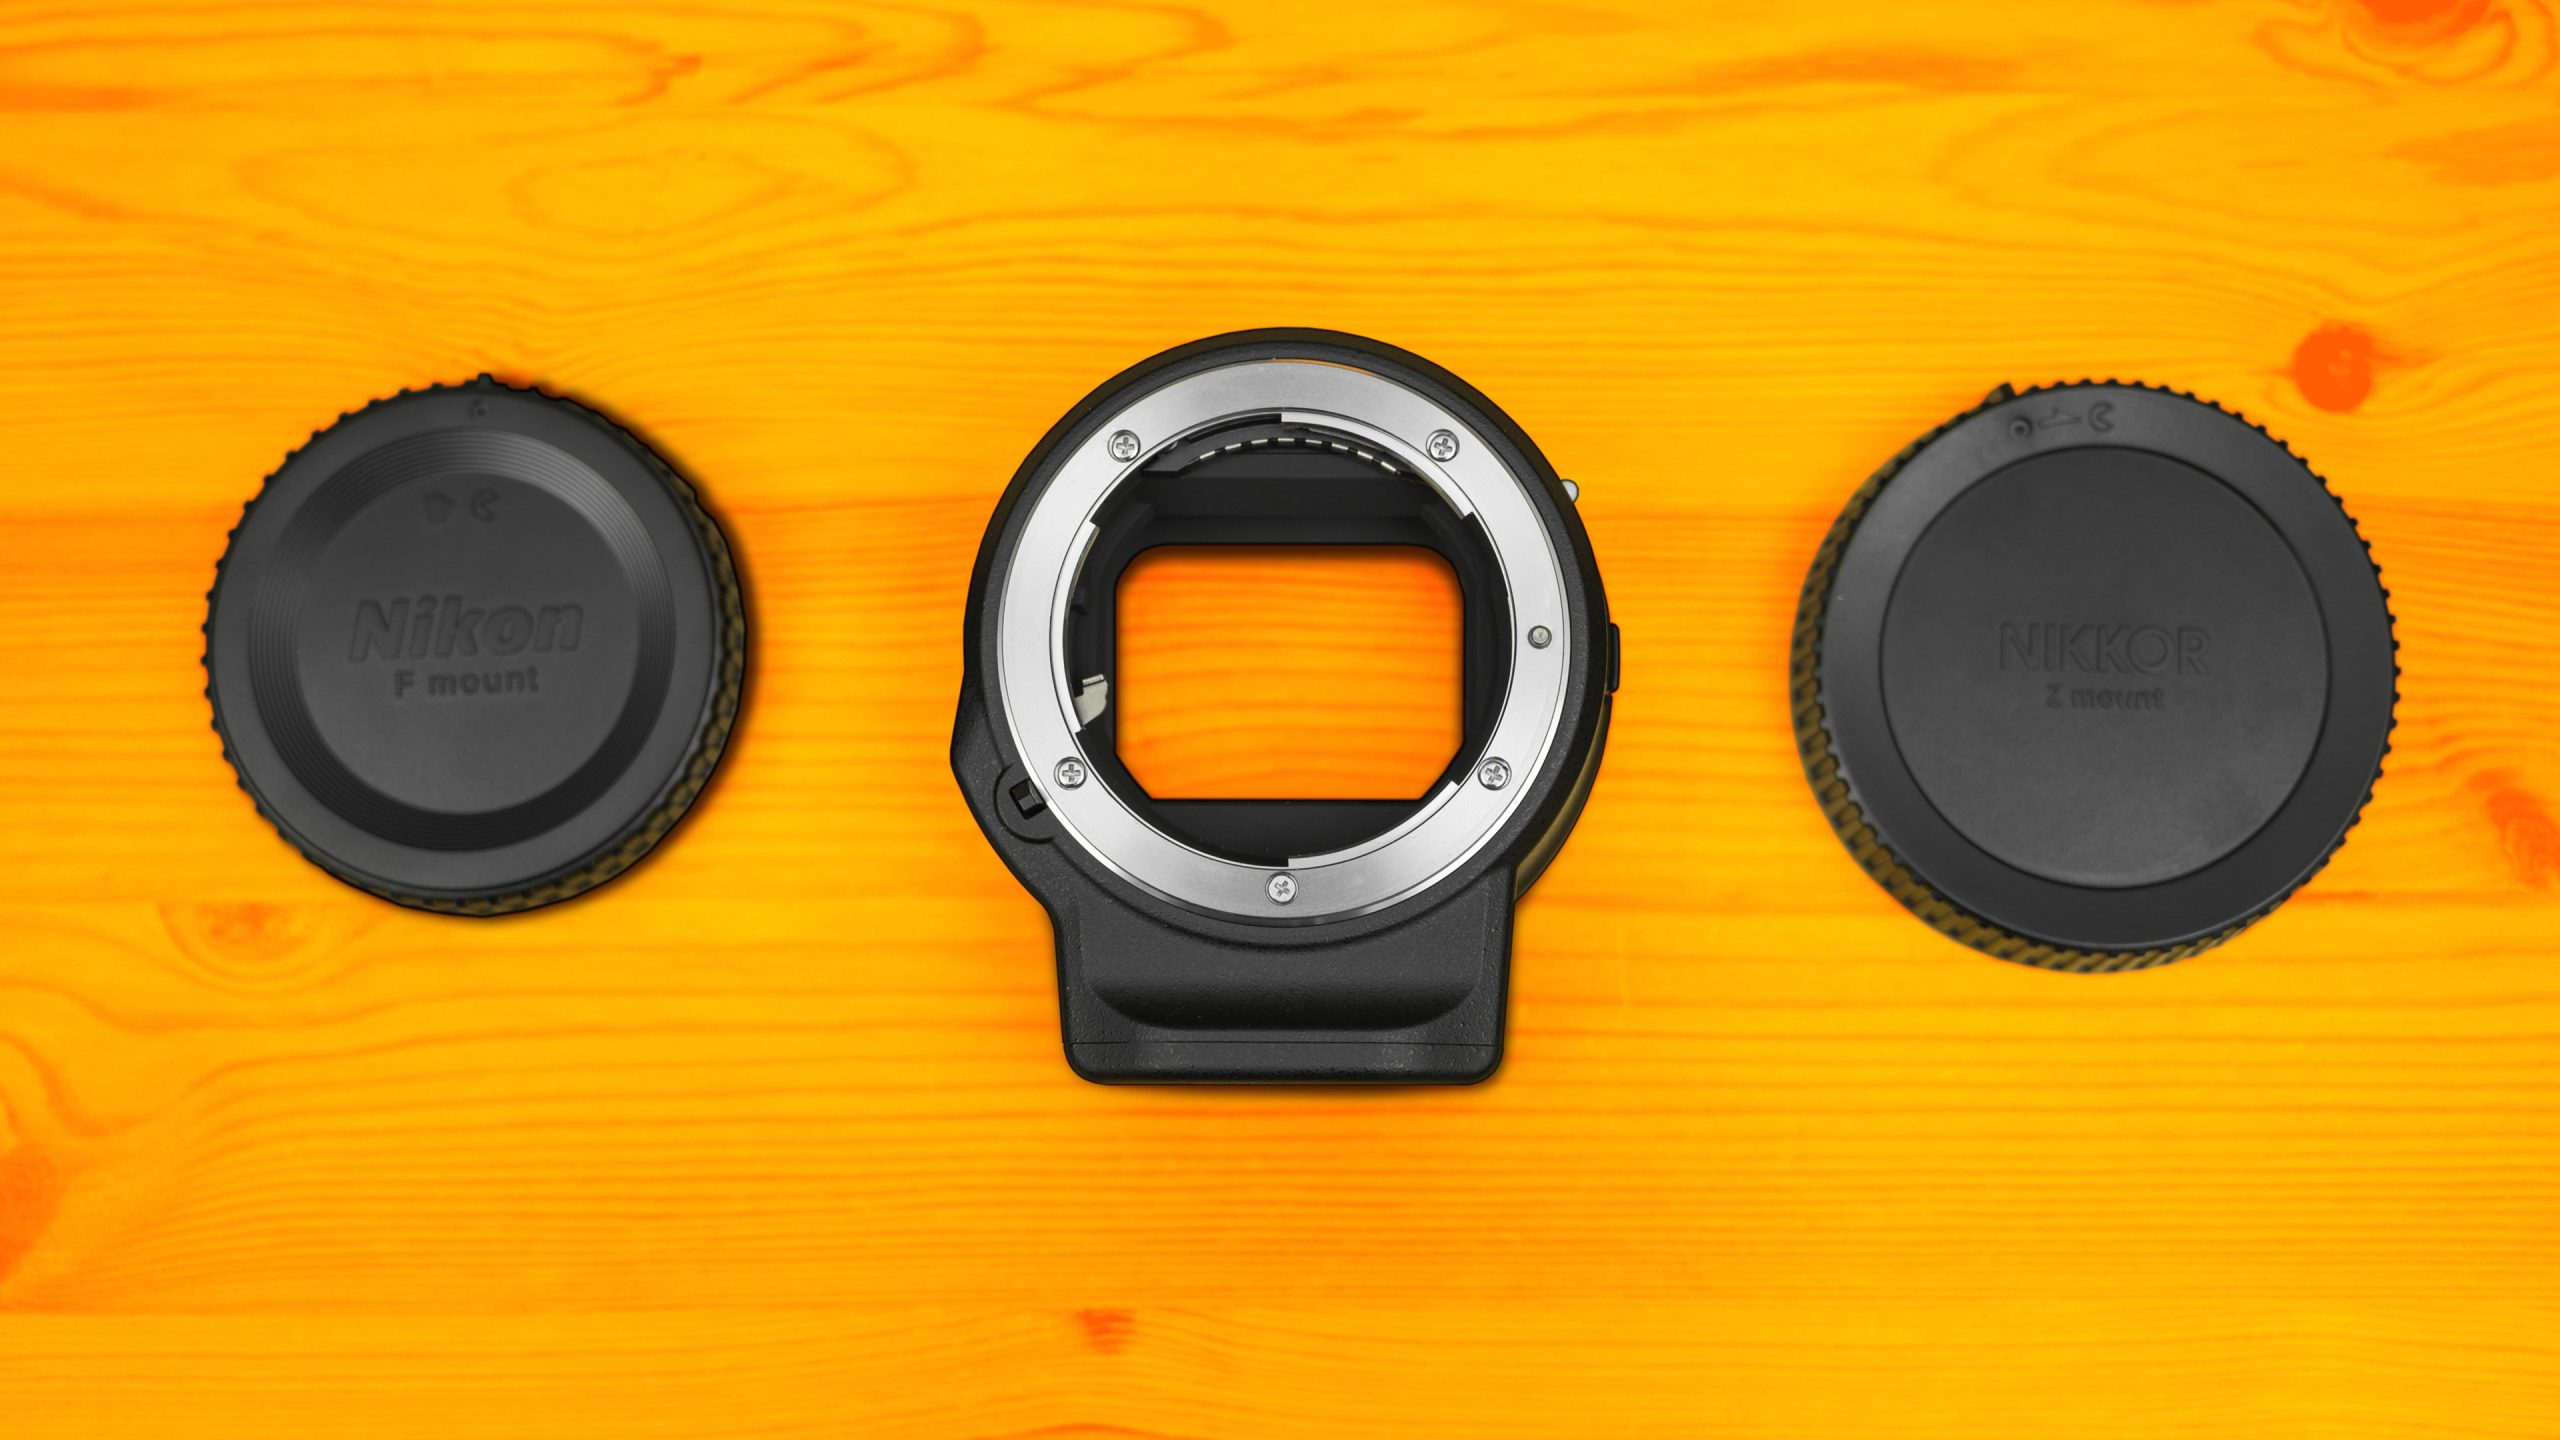 Vooraanzicht van de Nikon FTZ Adapter, met aan weerzijdes de doppen voor respectievelijk de F-vatting en Z-vatting.